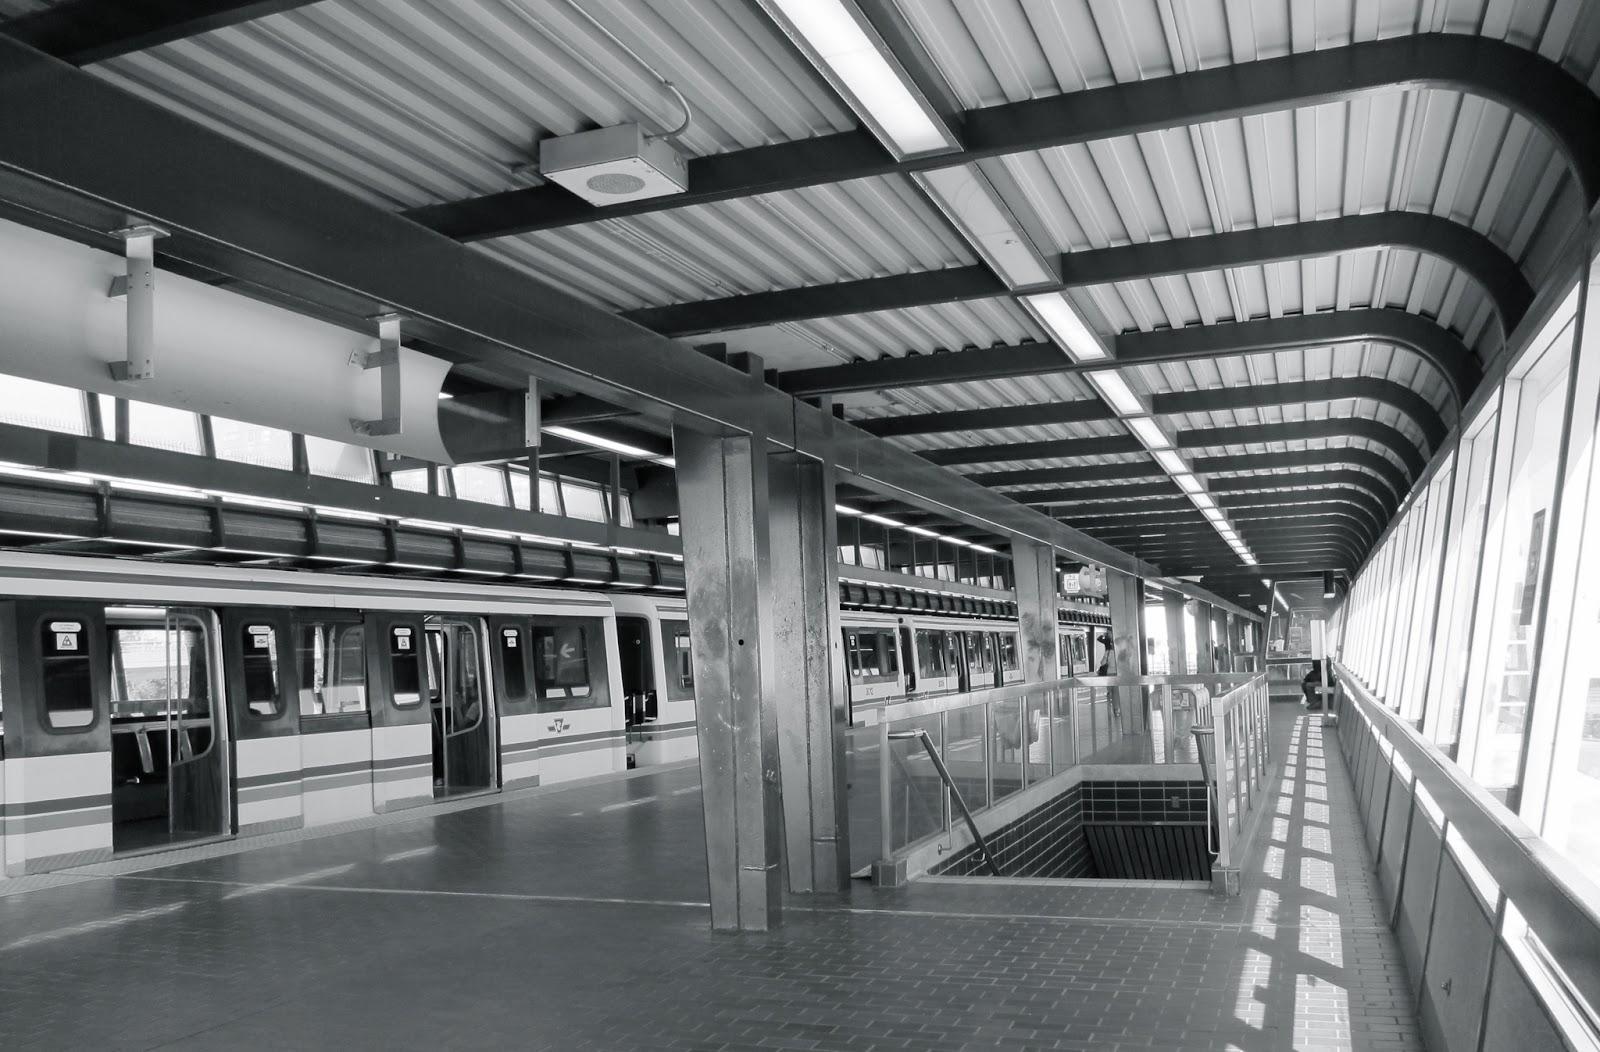 Kennedy station RT platform